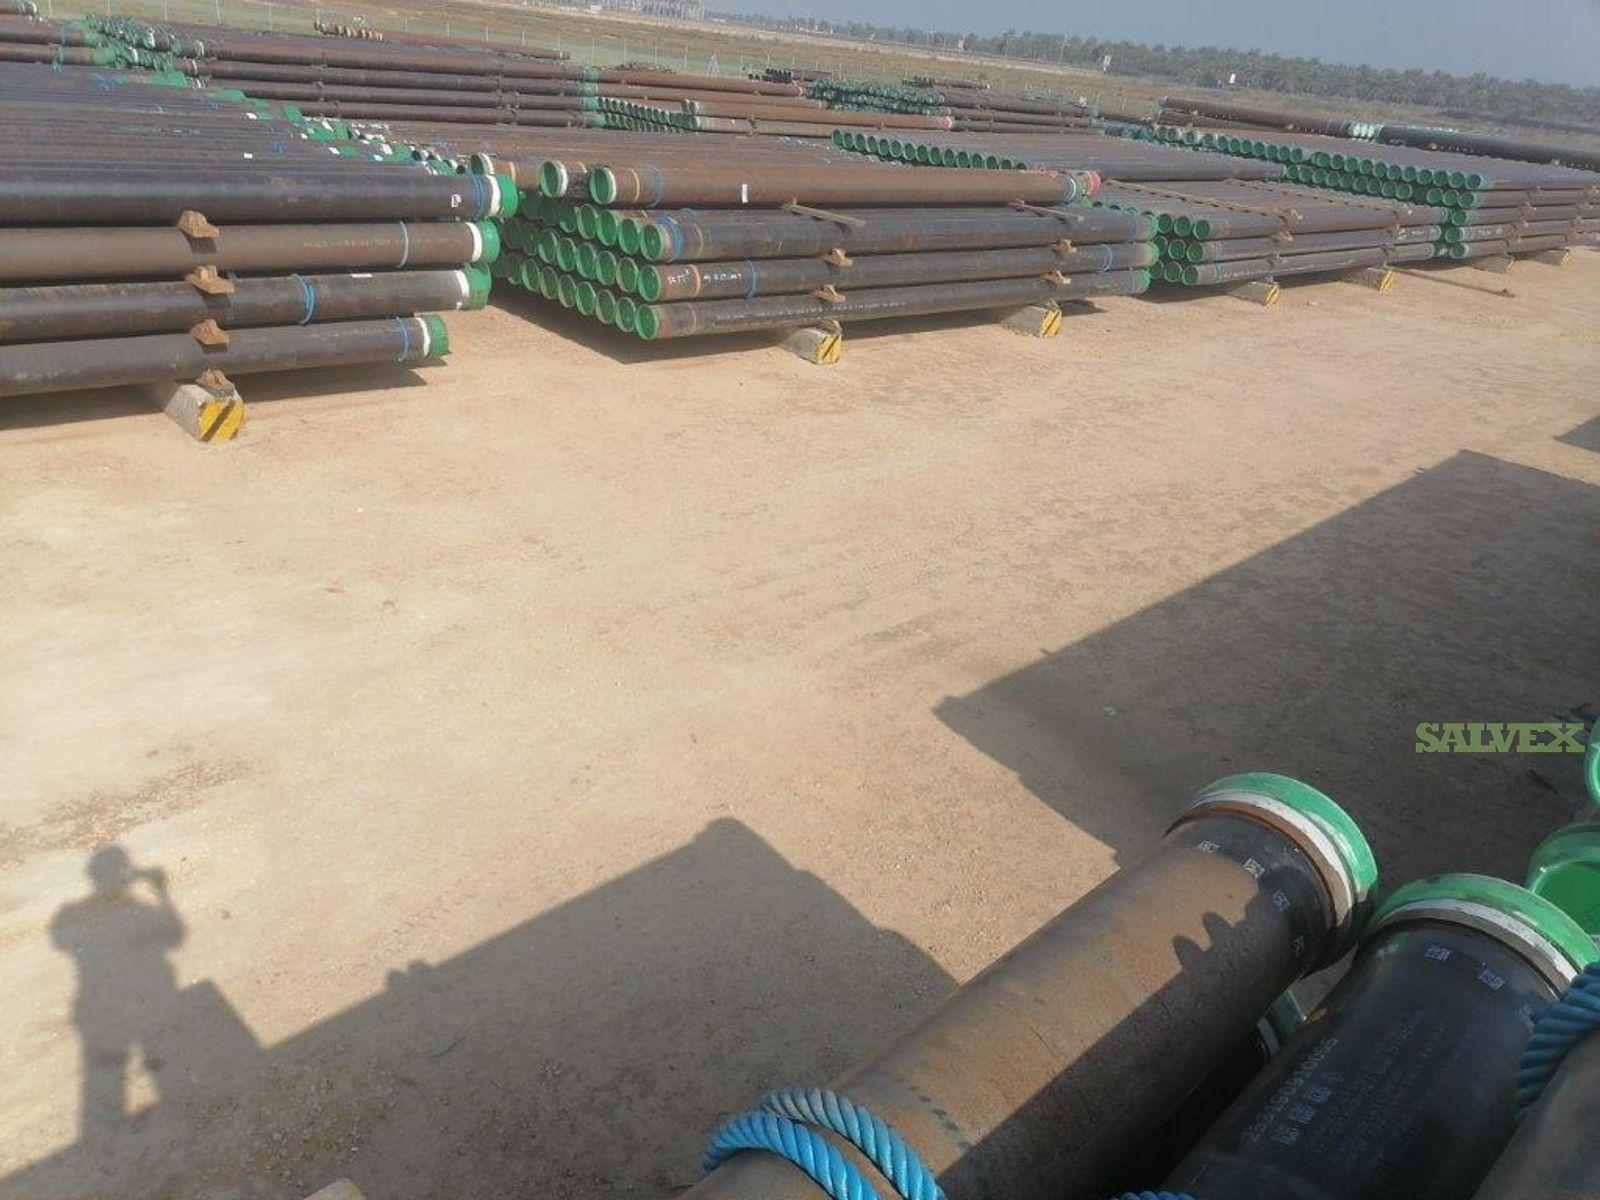 16 94.81# Q125 PSL1  TSH WEDGE 513 R3 Surplus Casing (12,515 Feet / 538 Metric Tons)